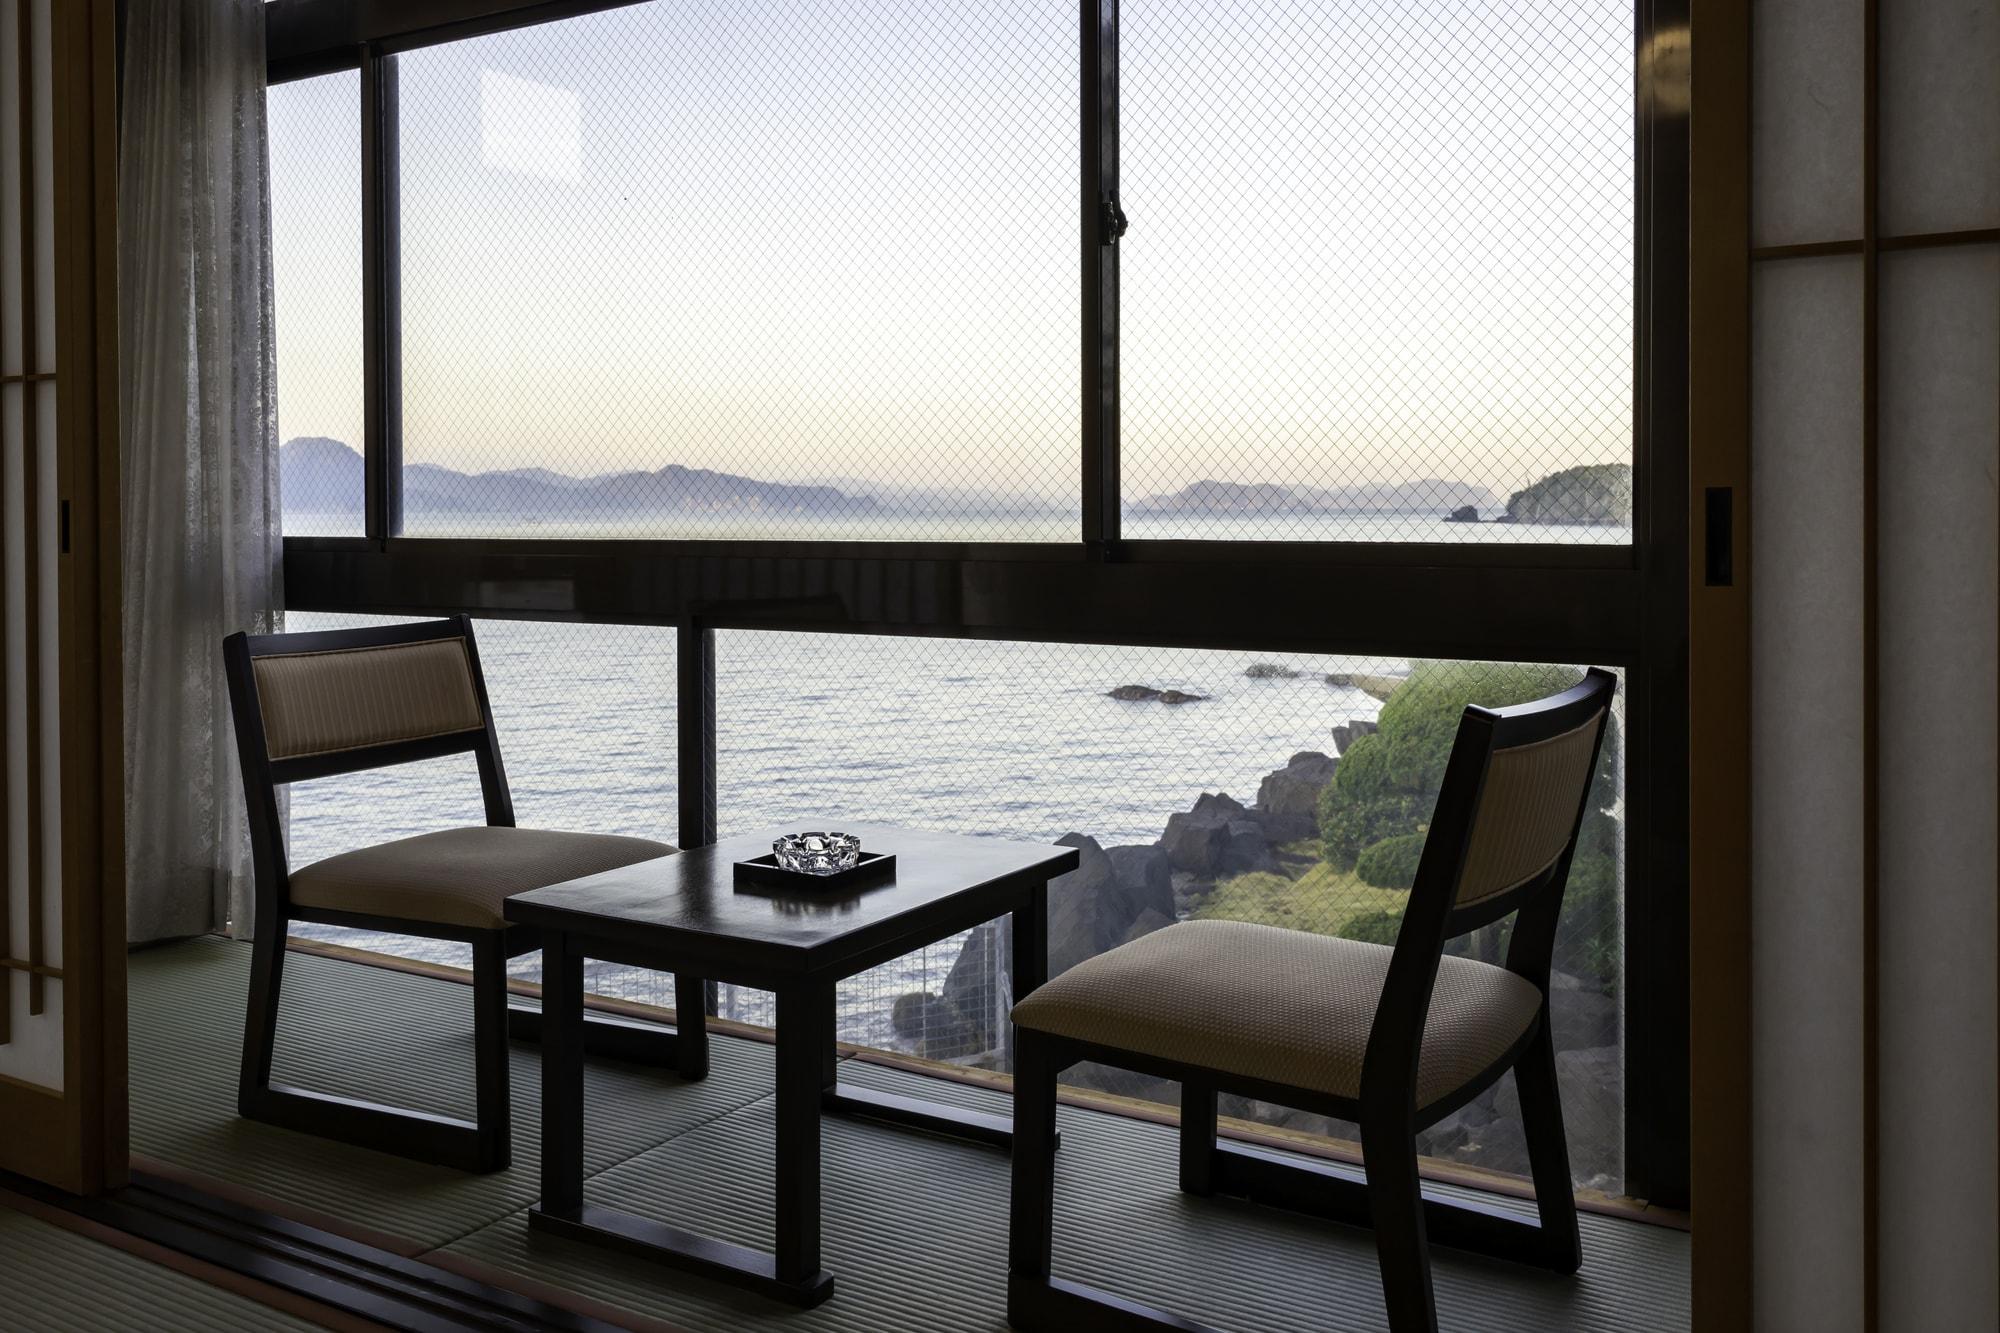 【はぎ温泉】瀬戸内海に沈む美しい夕陽に心洗われる